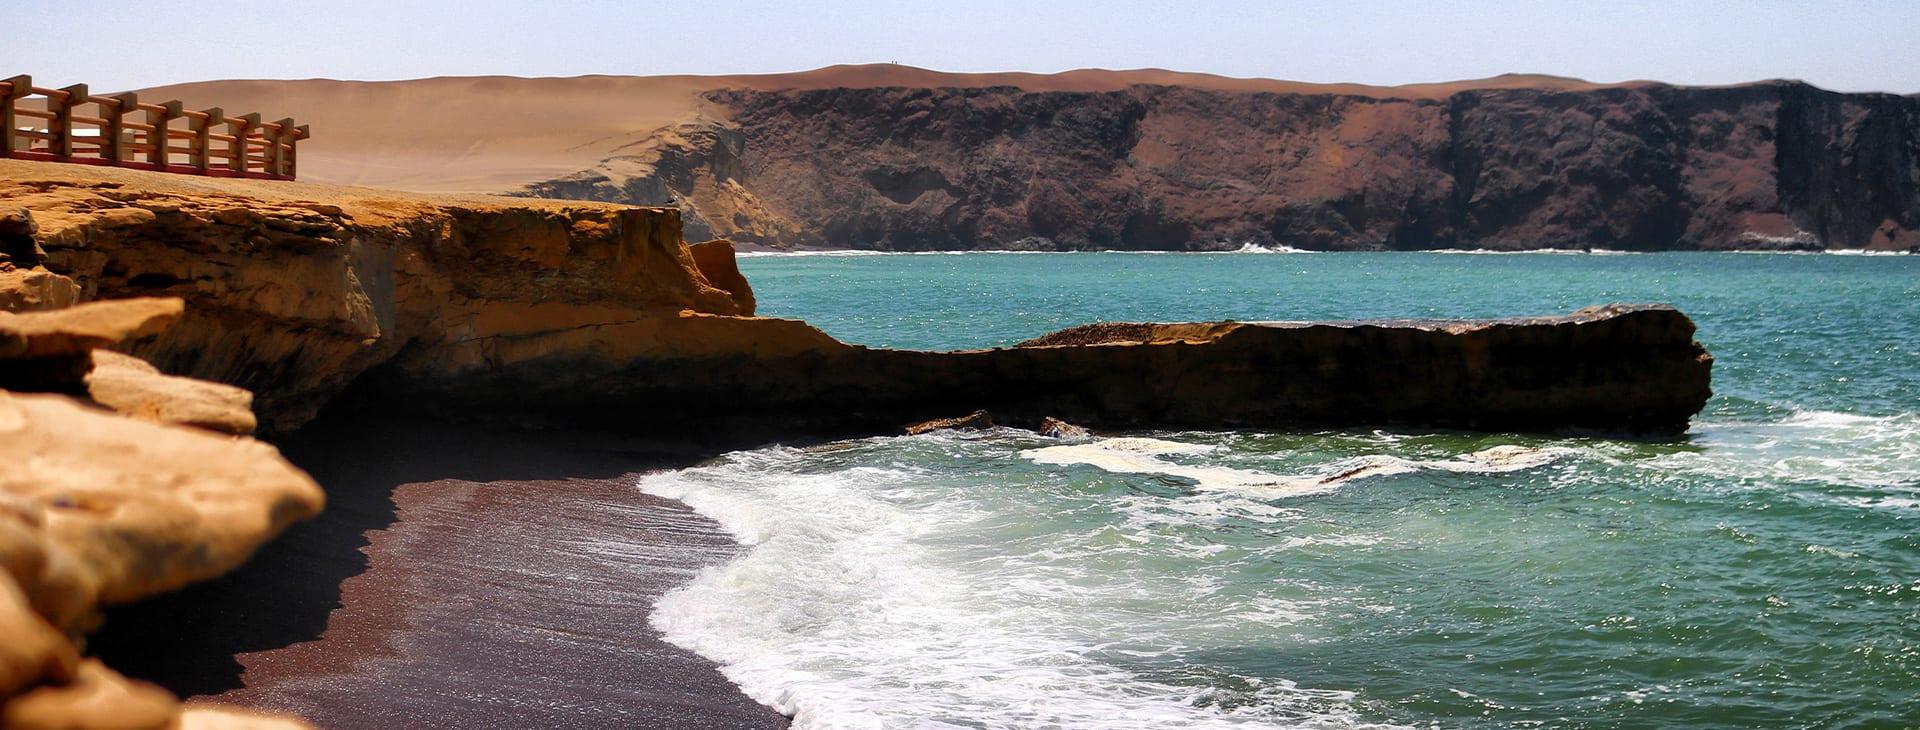 Paracas Peru Coastline with surf